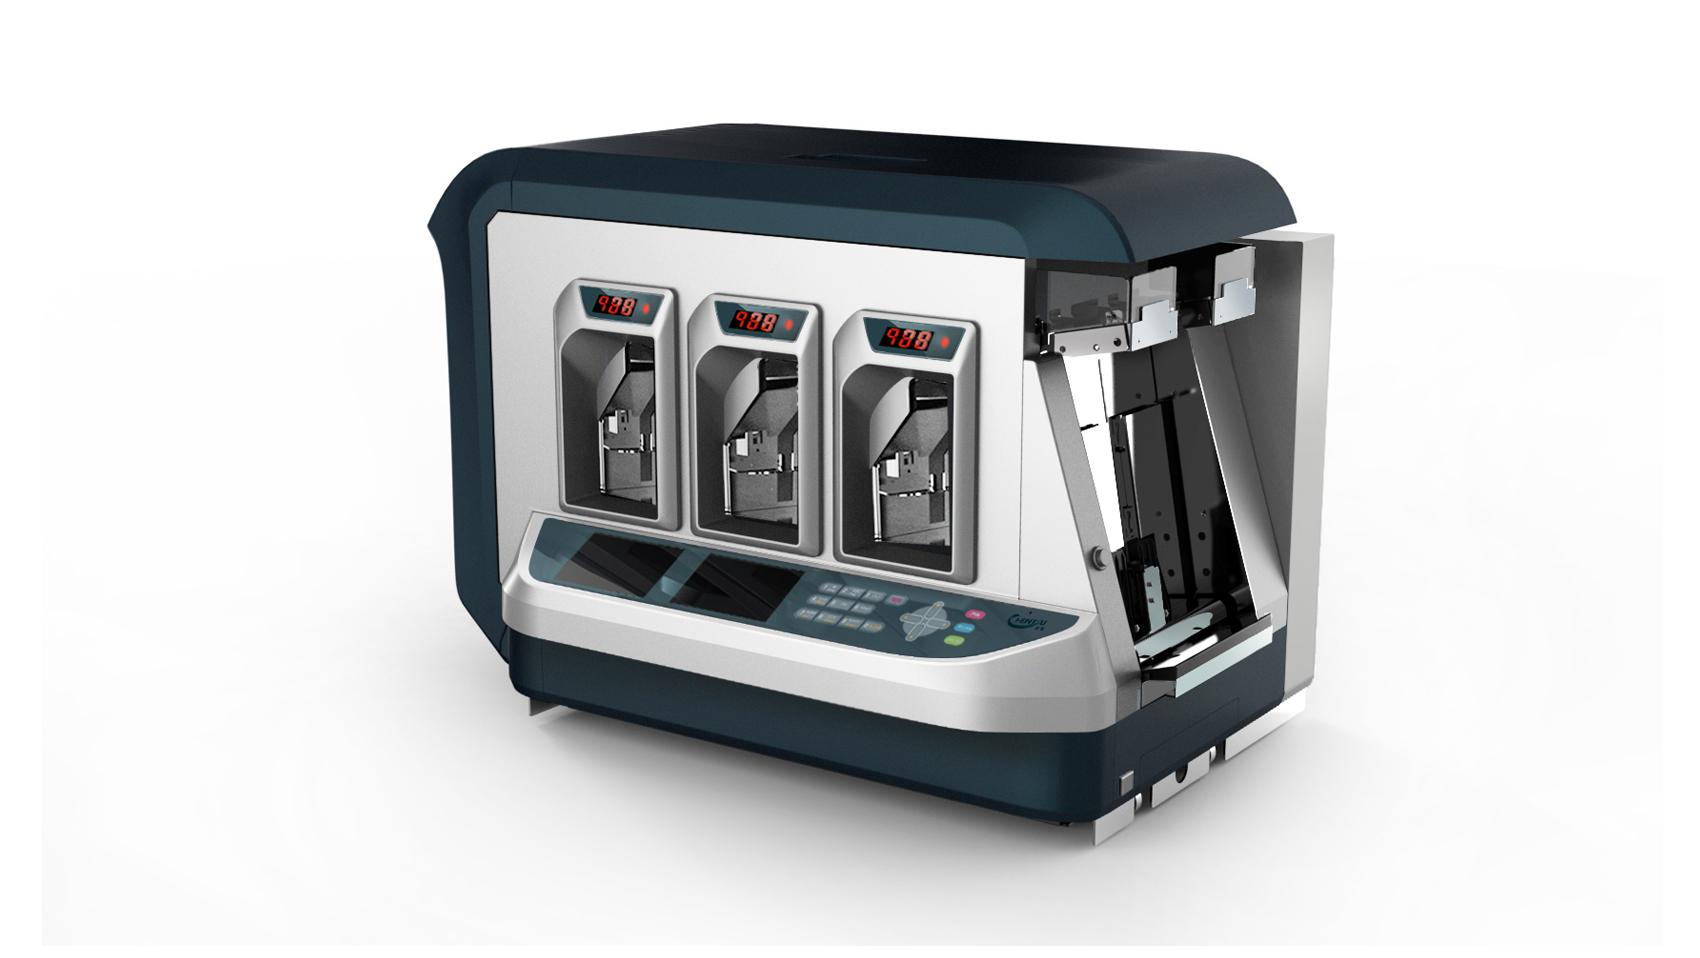 纸币清分机三口机_产品设计-来设计